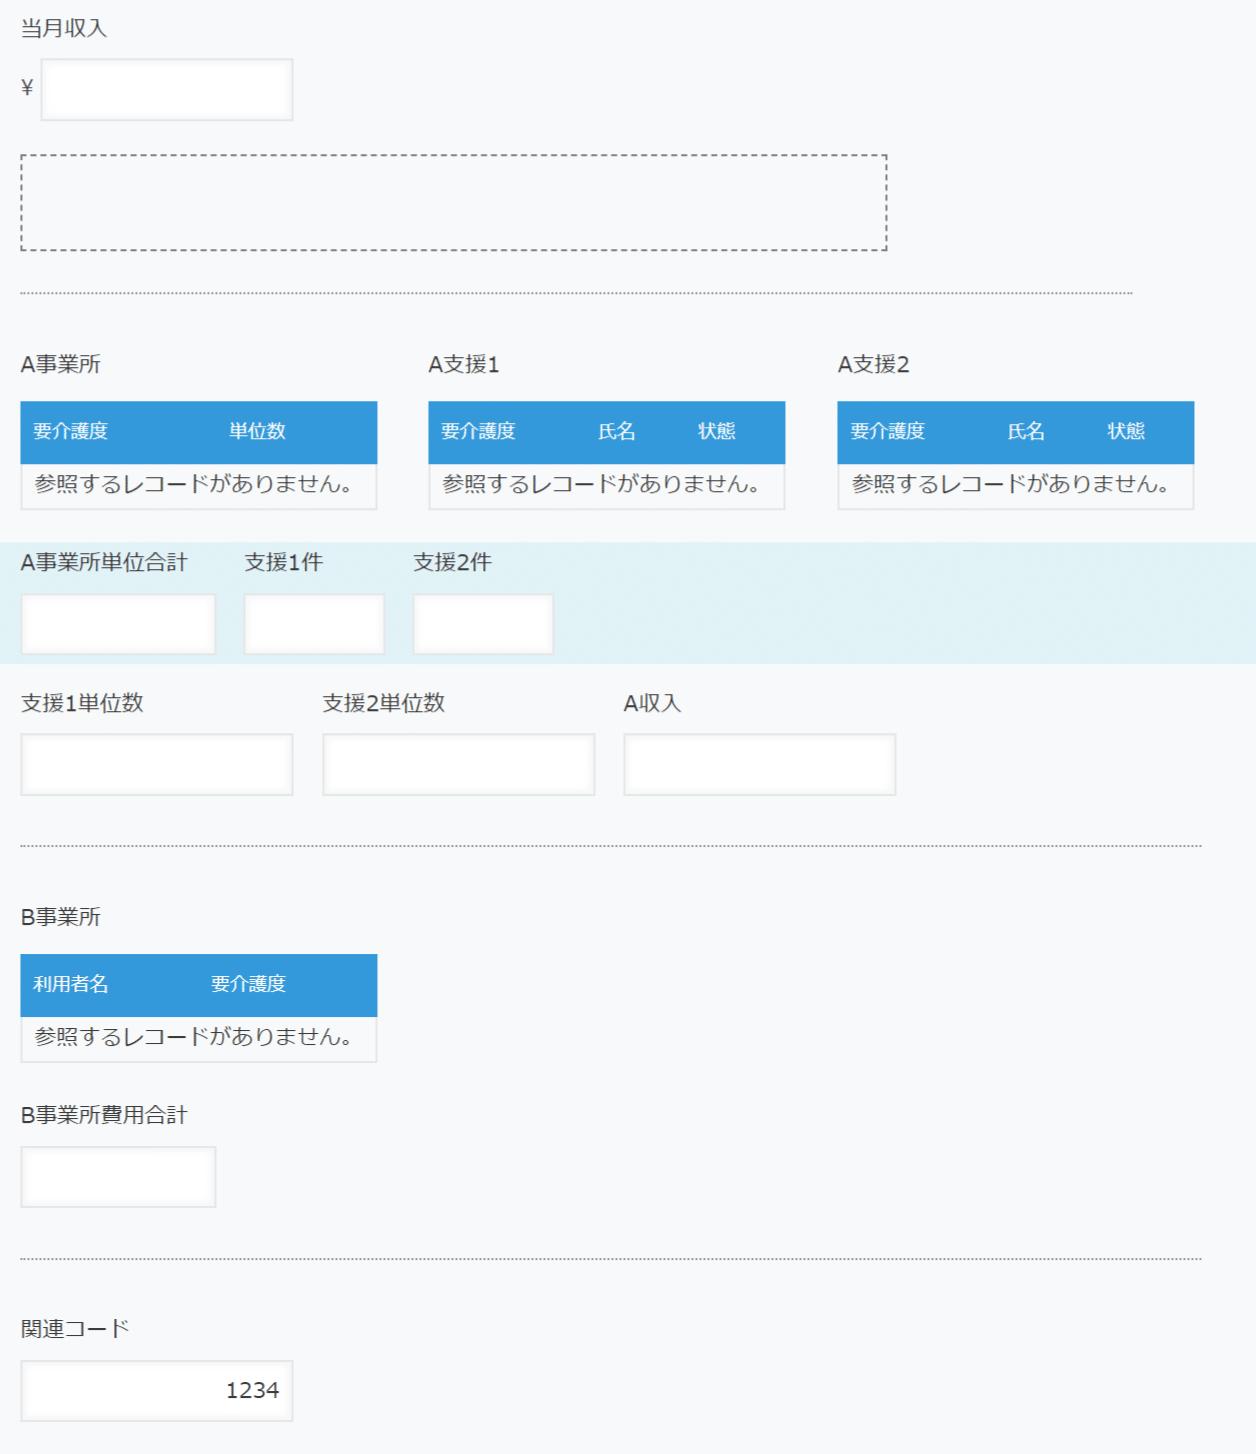 集計アプリフォーム